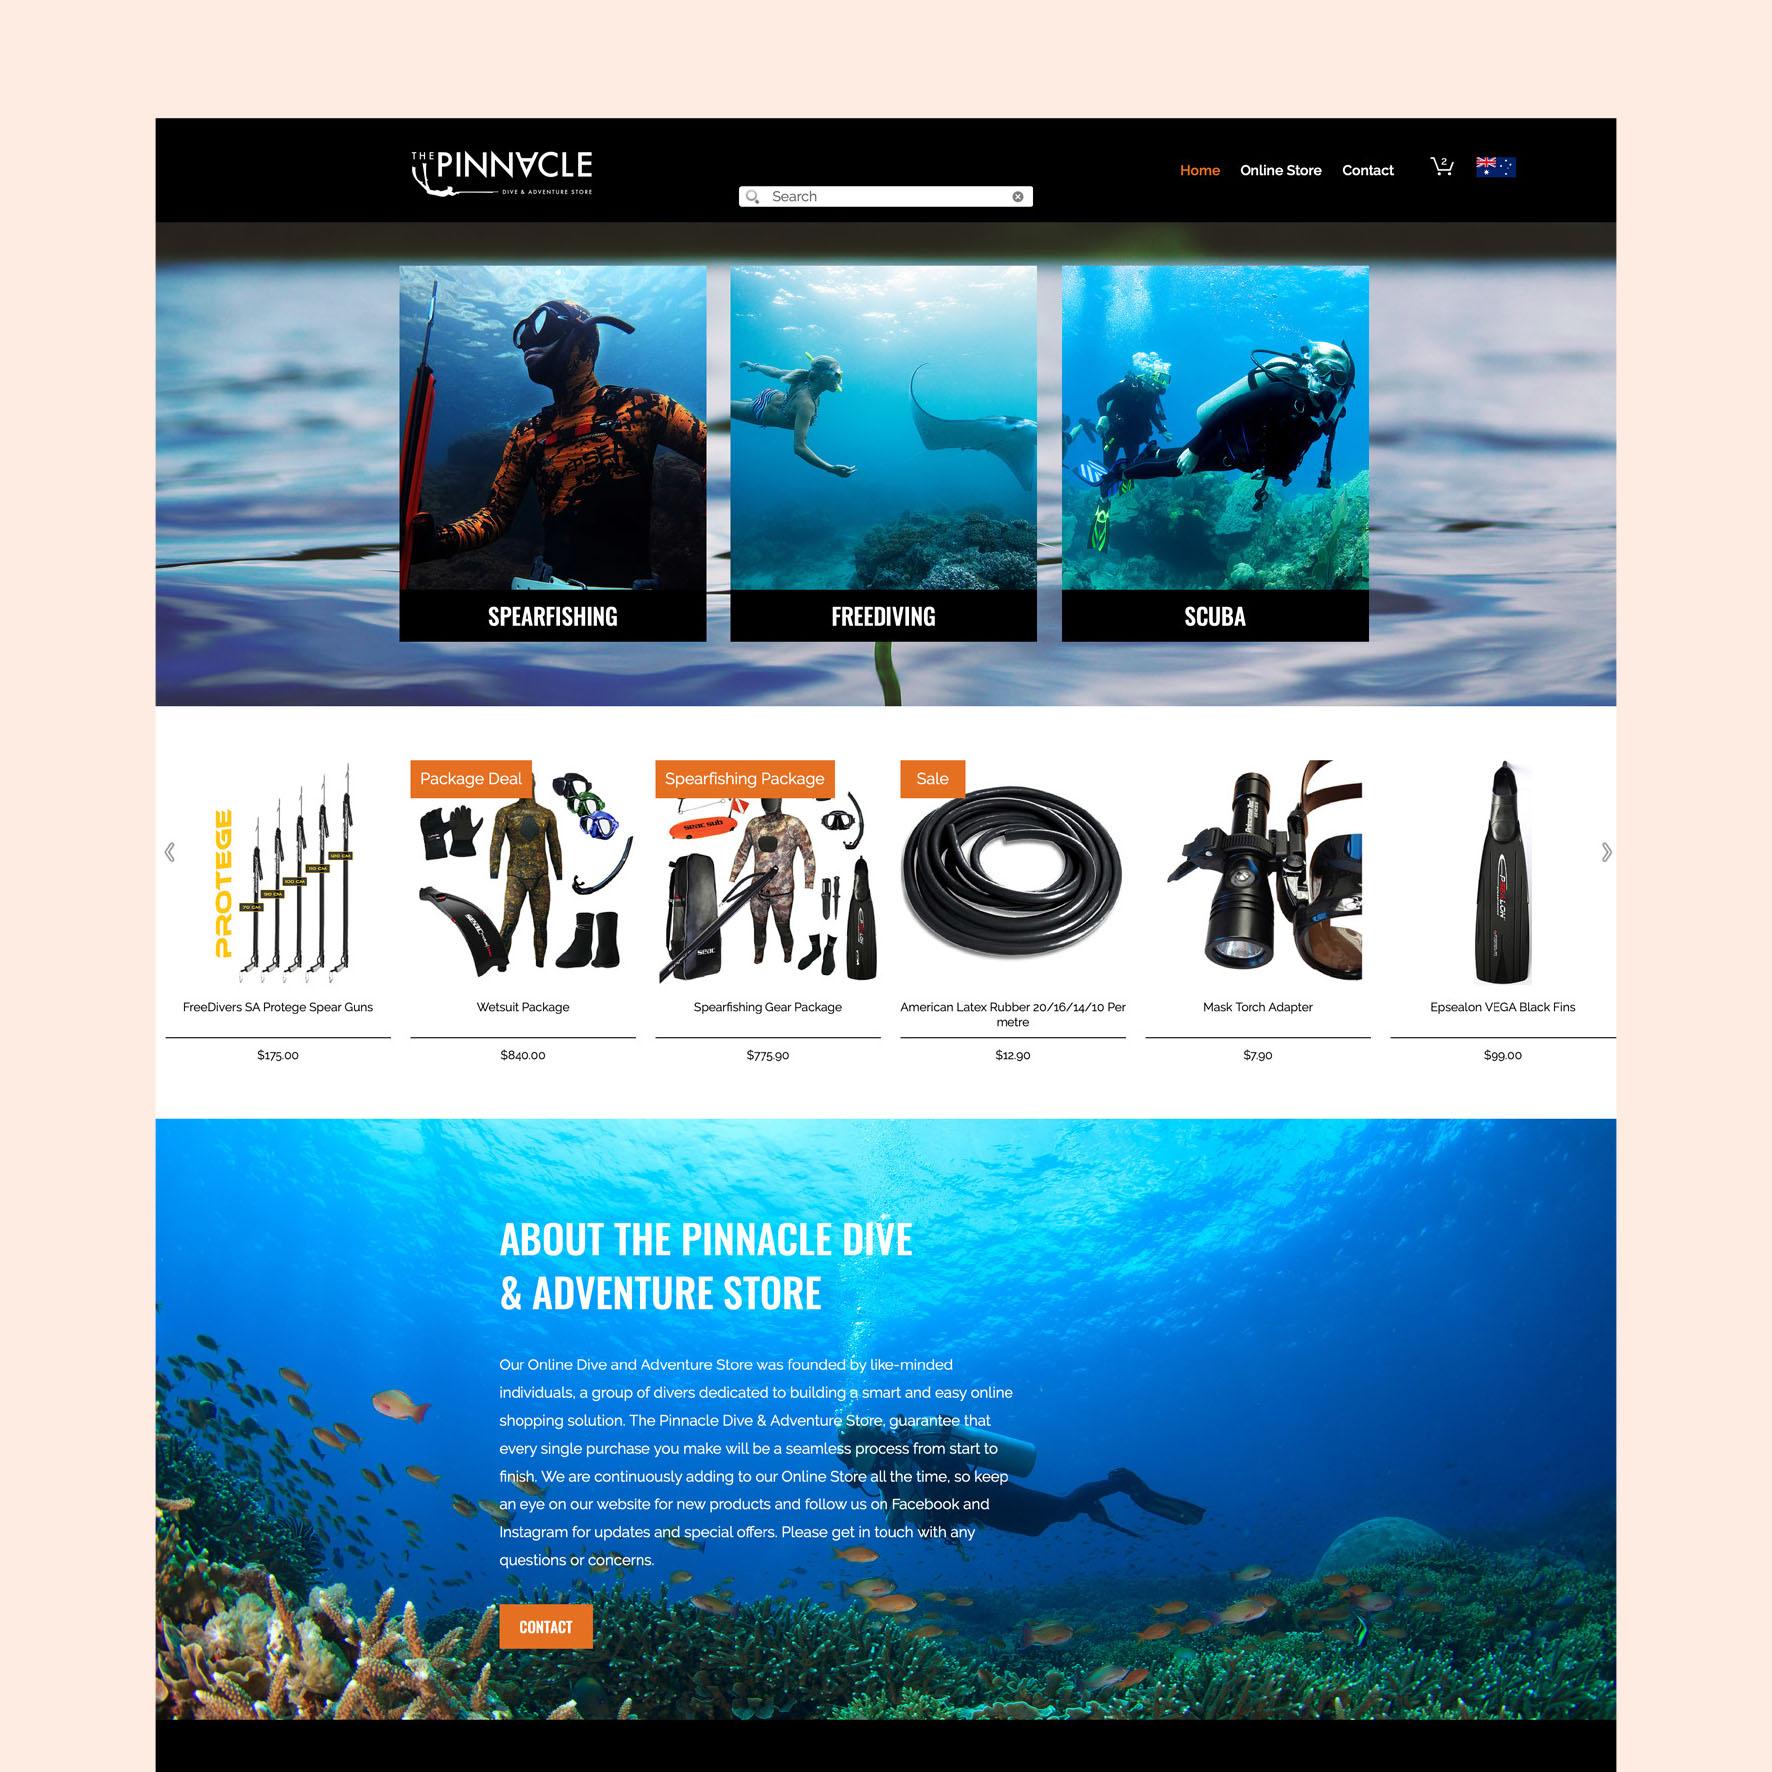 The Pinnacle Dive Website